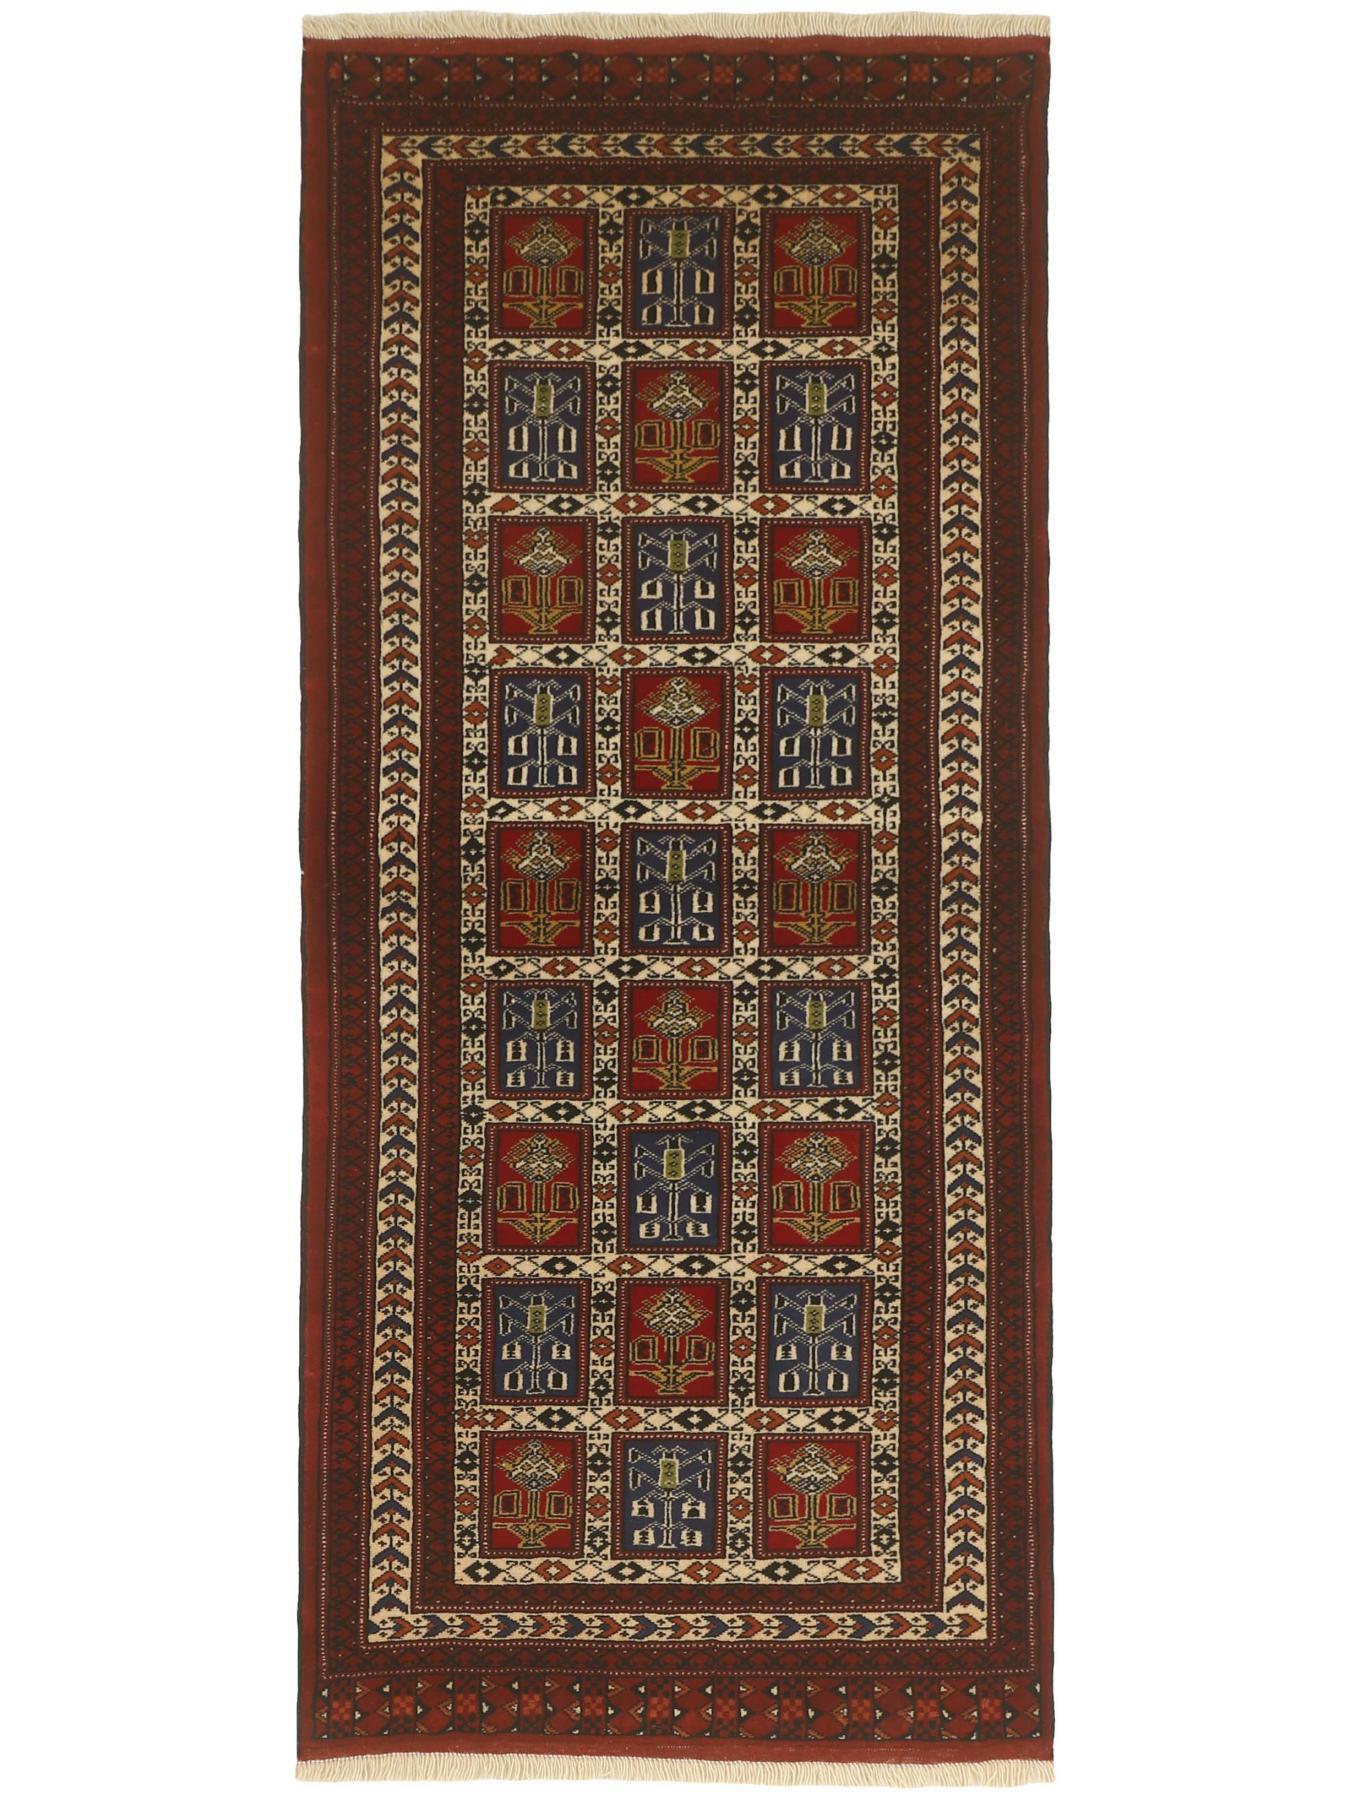 Tapis persans - Turkmène Fin